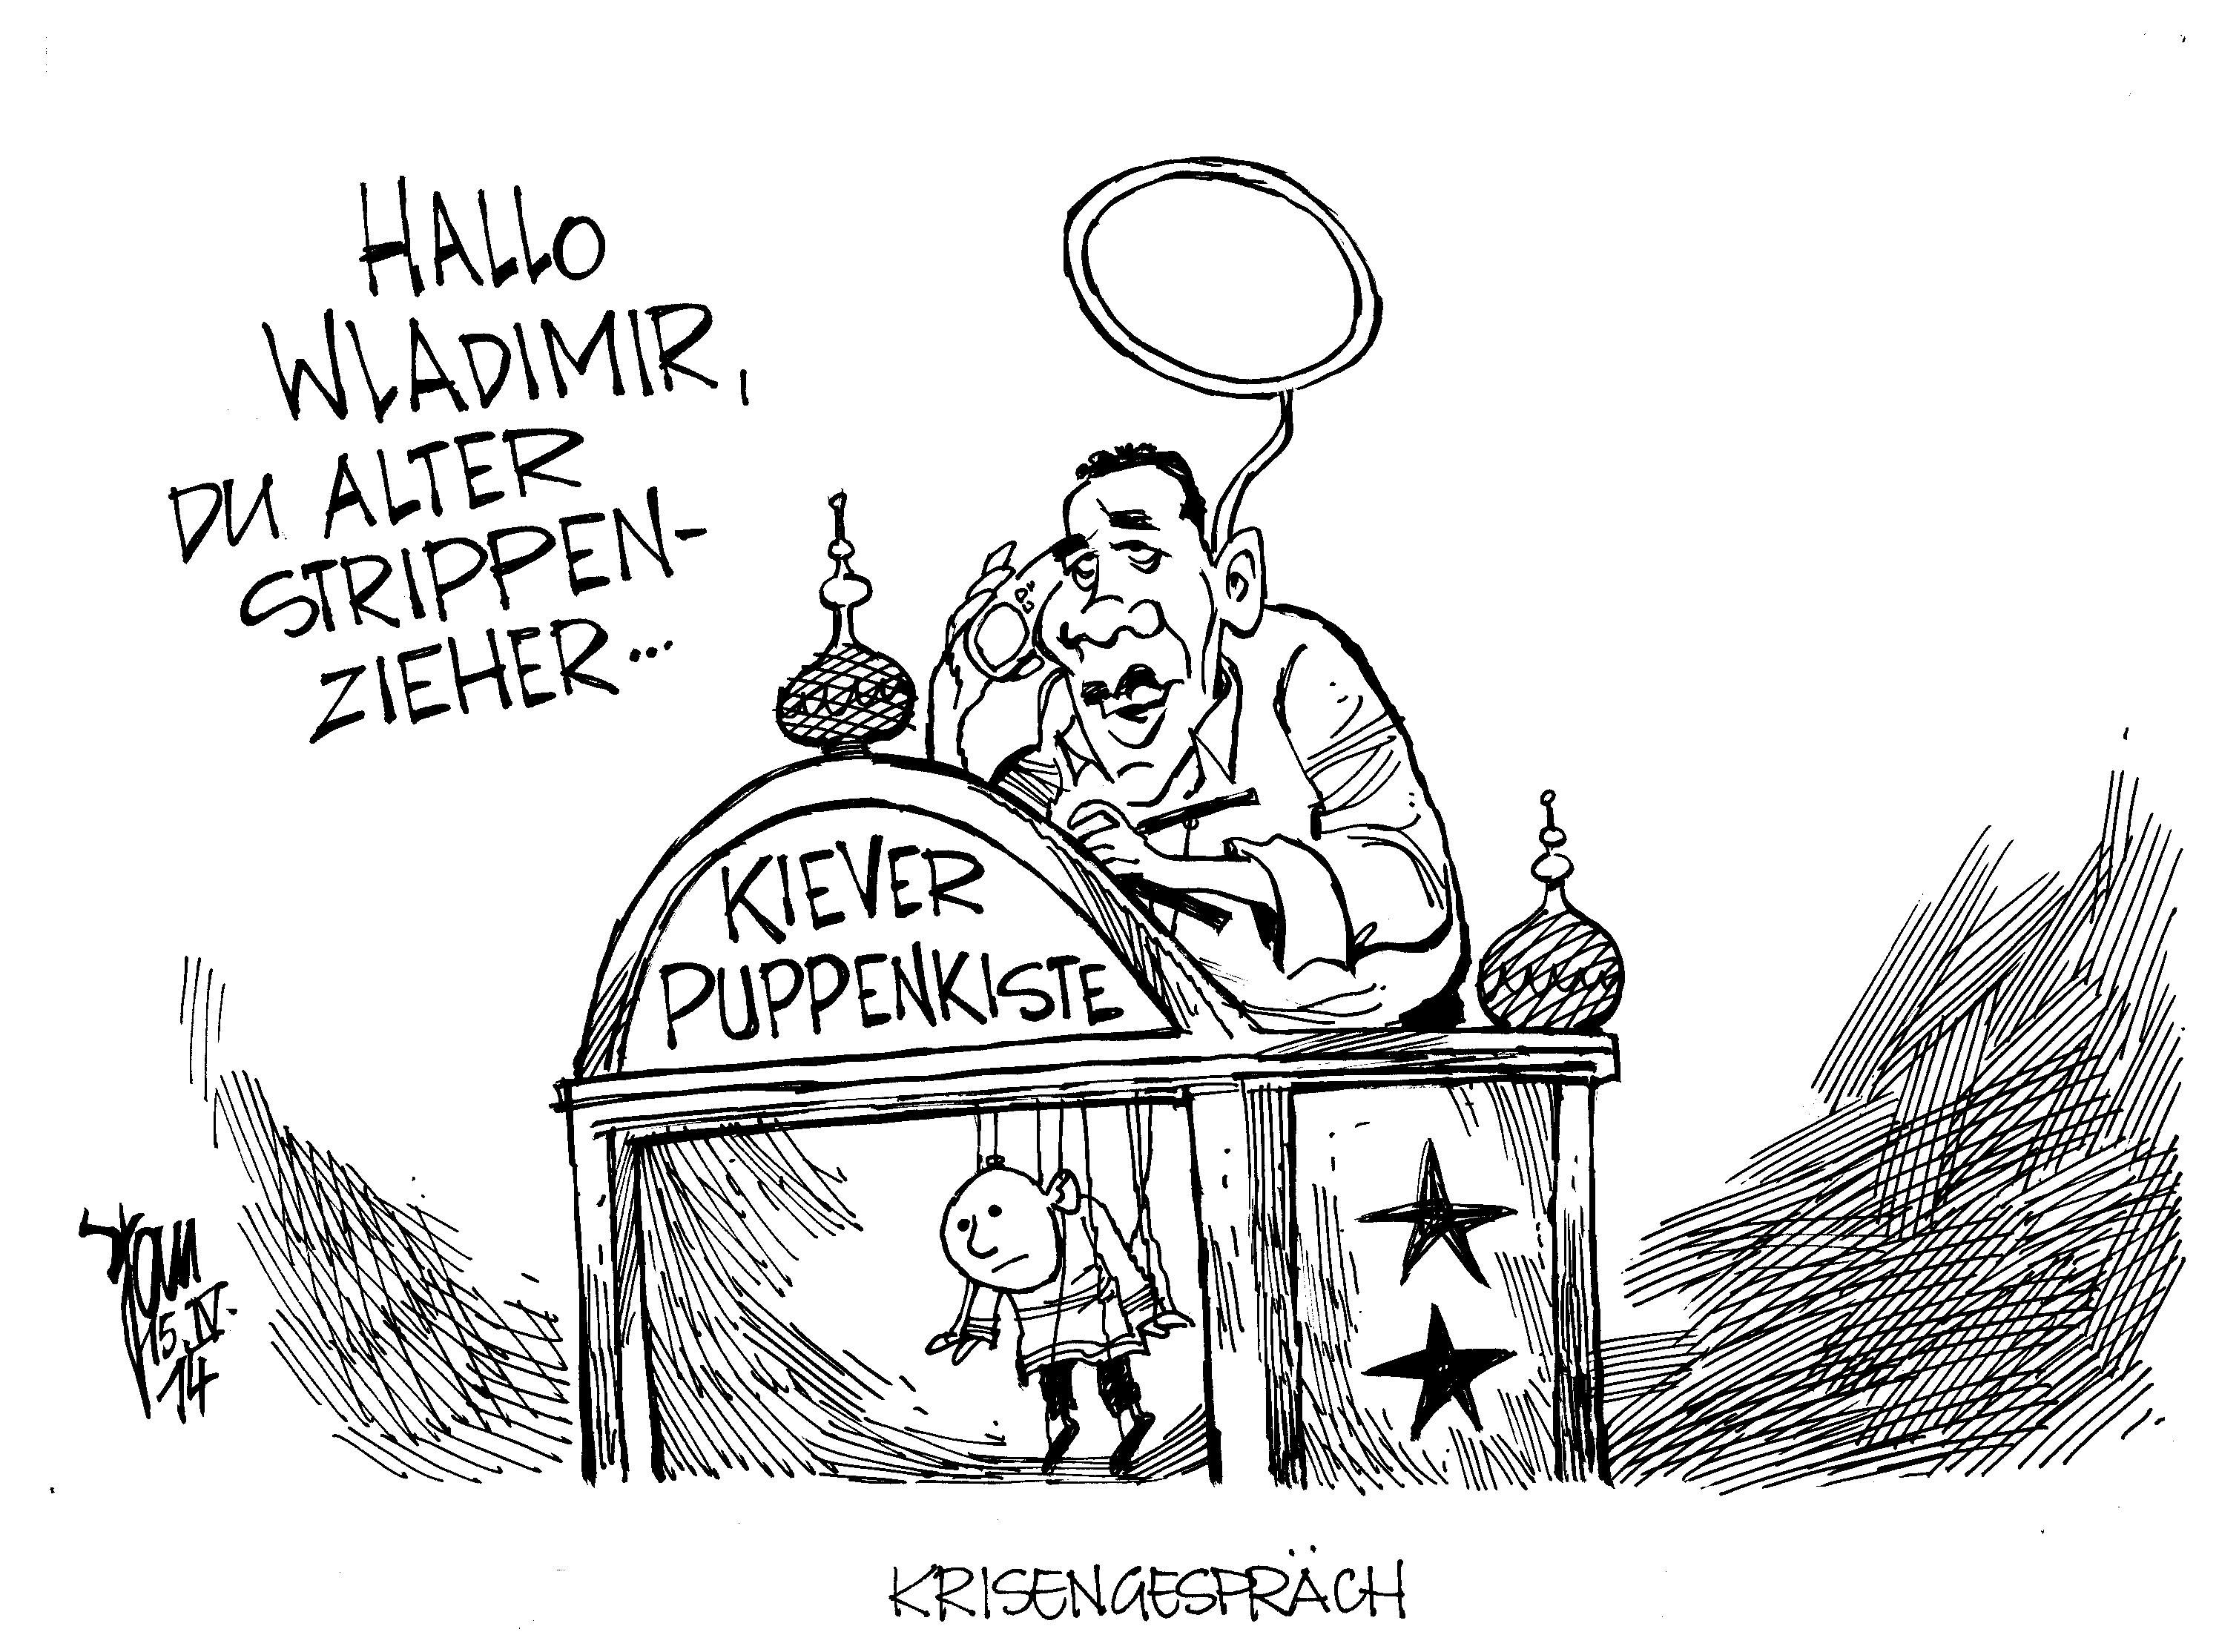 Aktuelle Karikaturen Ukraine Krise